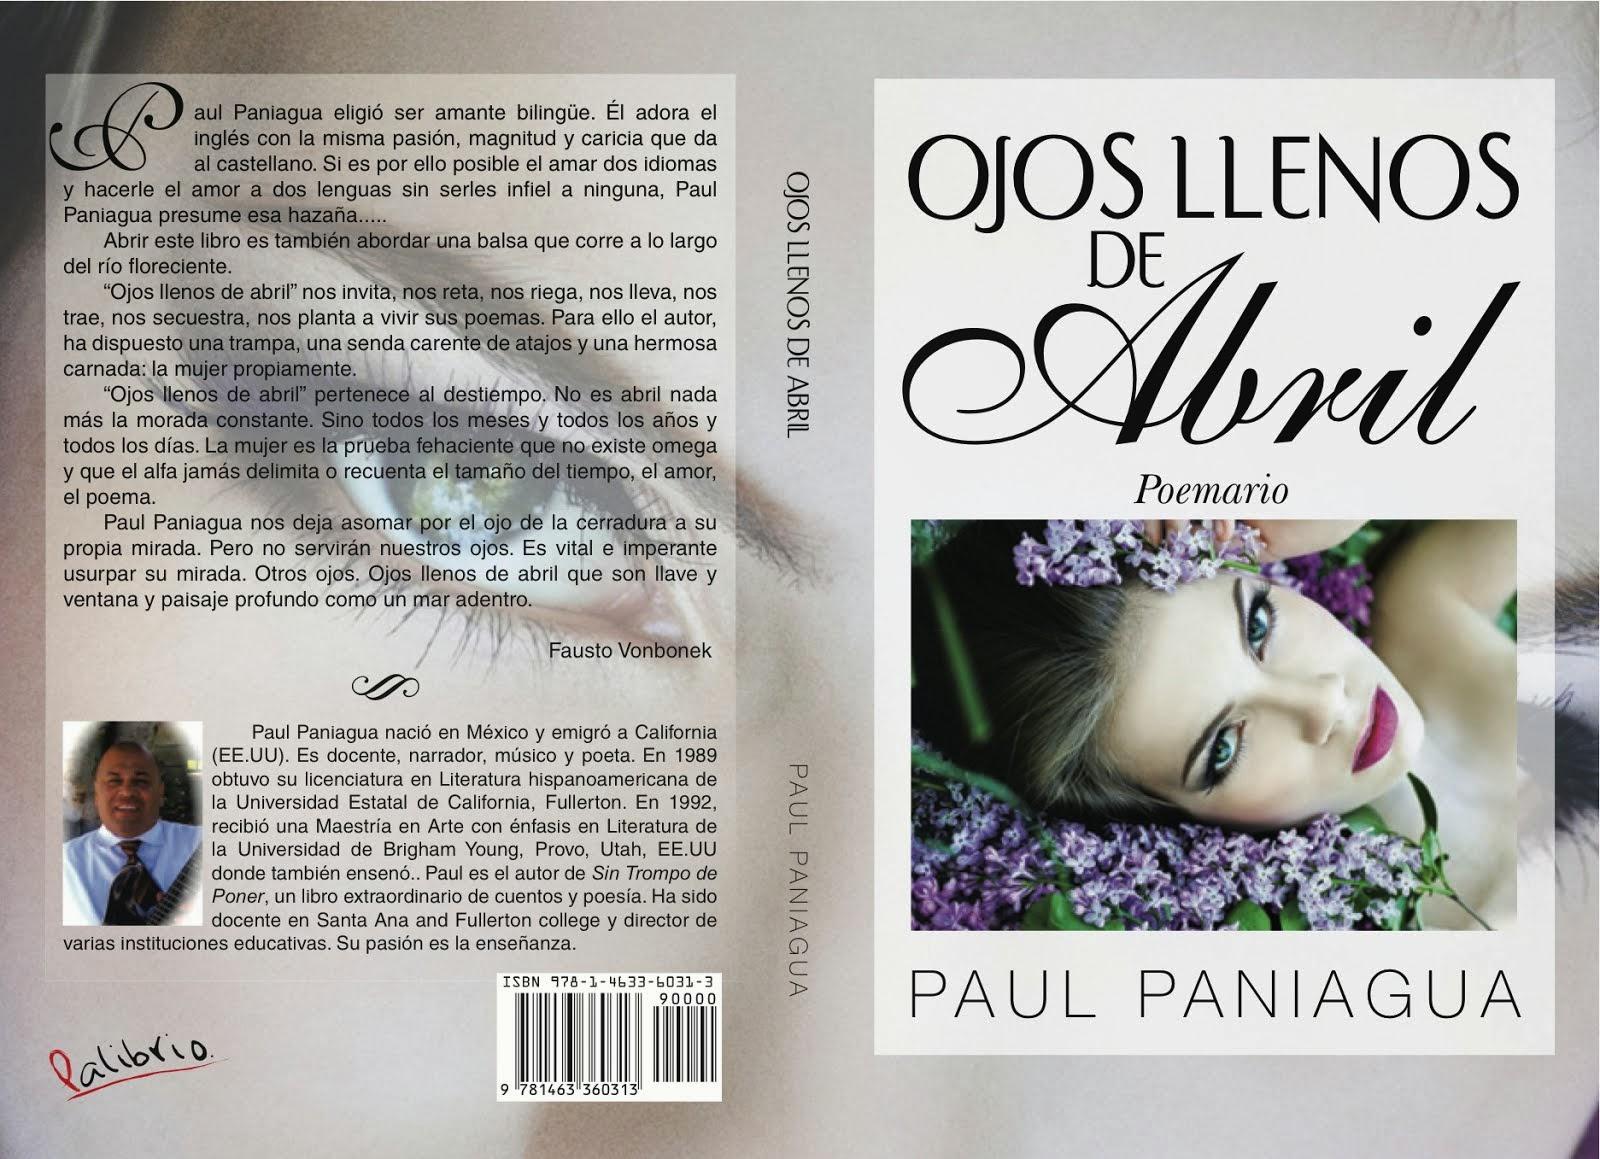 OJOS LLENOS DE ABRIL